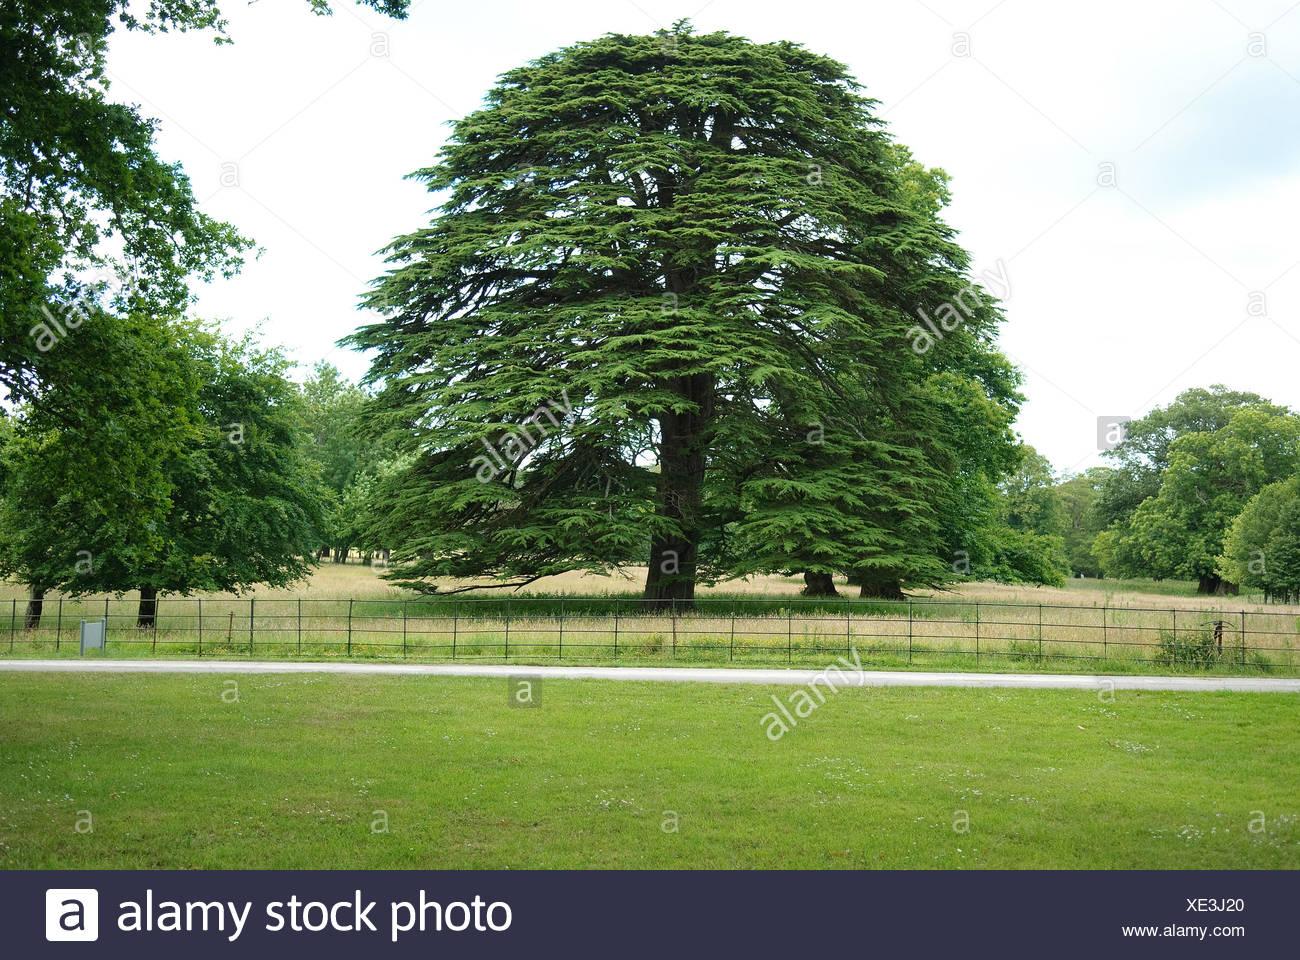 El cedro del Líbano (Cedrus libani), árbol único Imagen De Stock